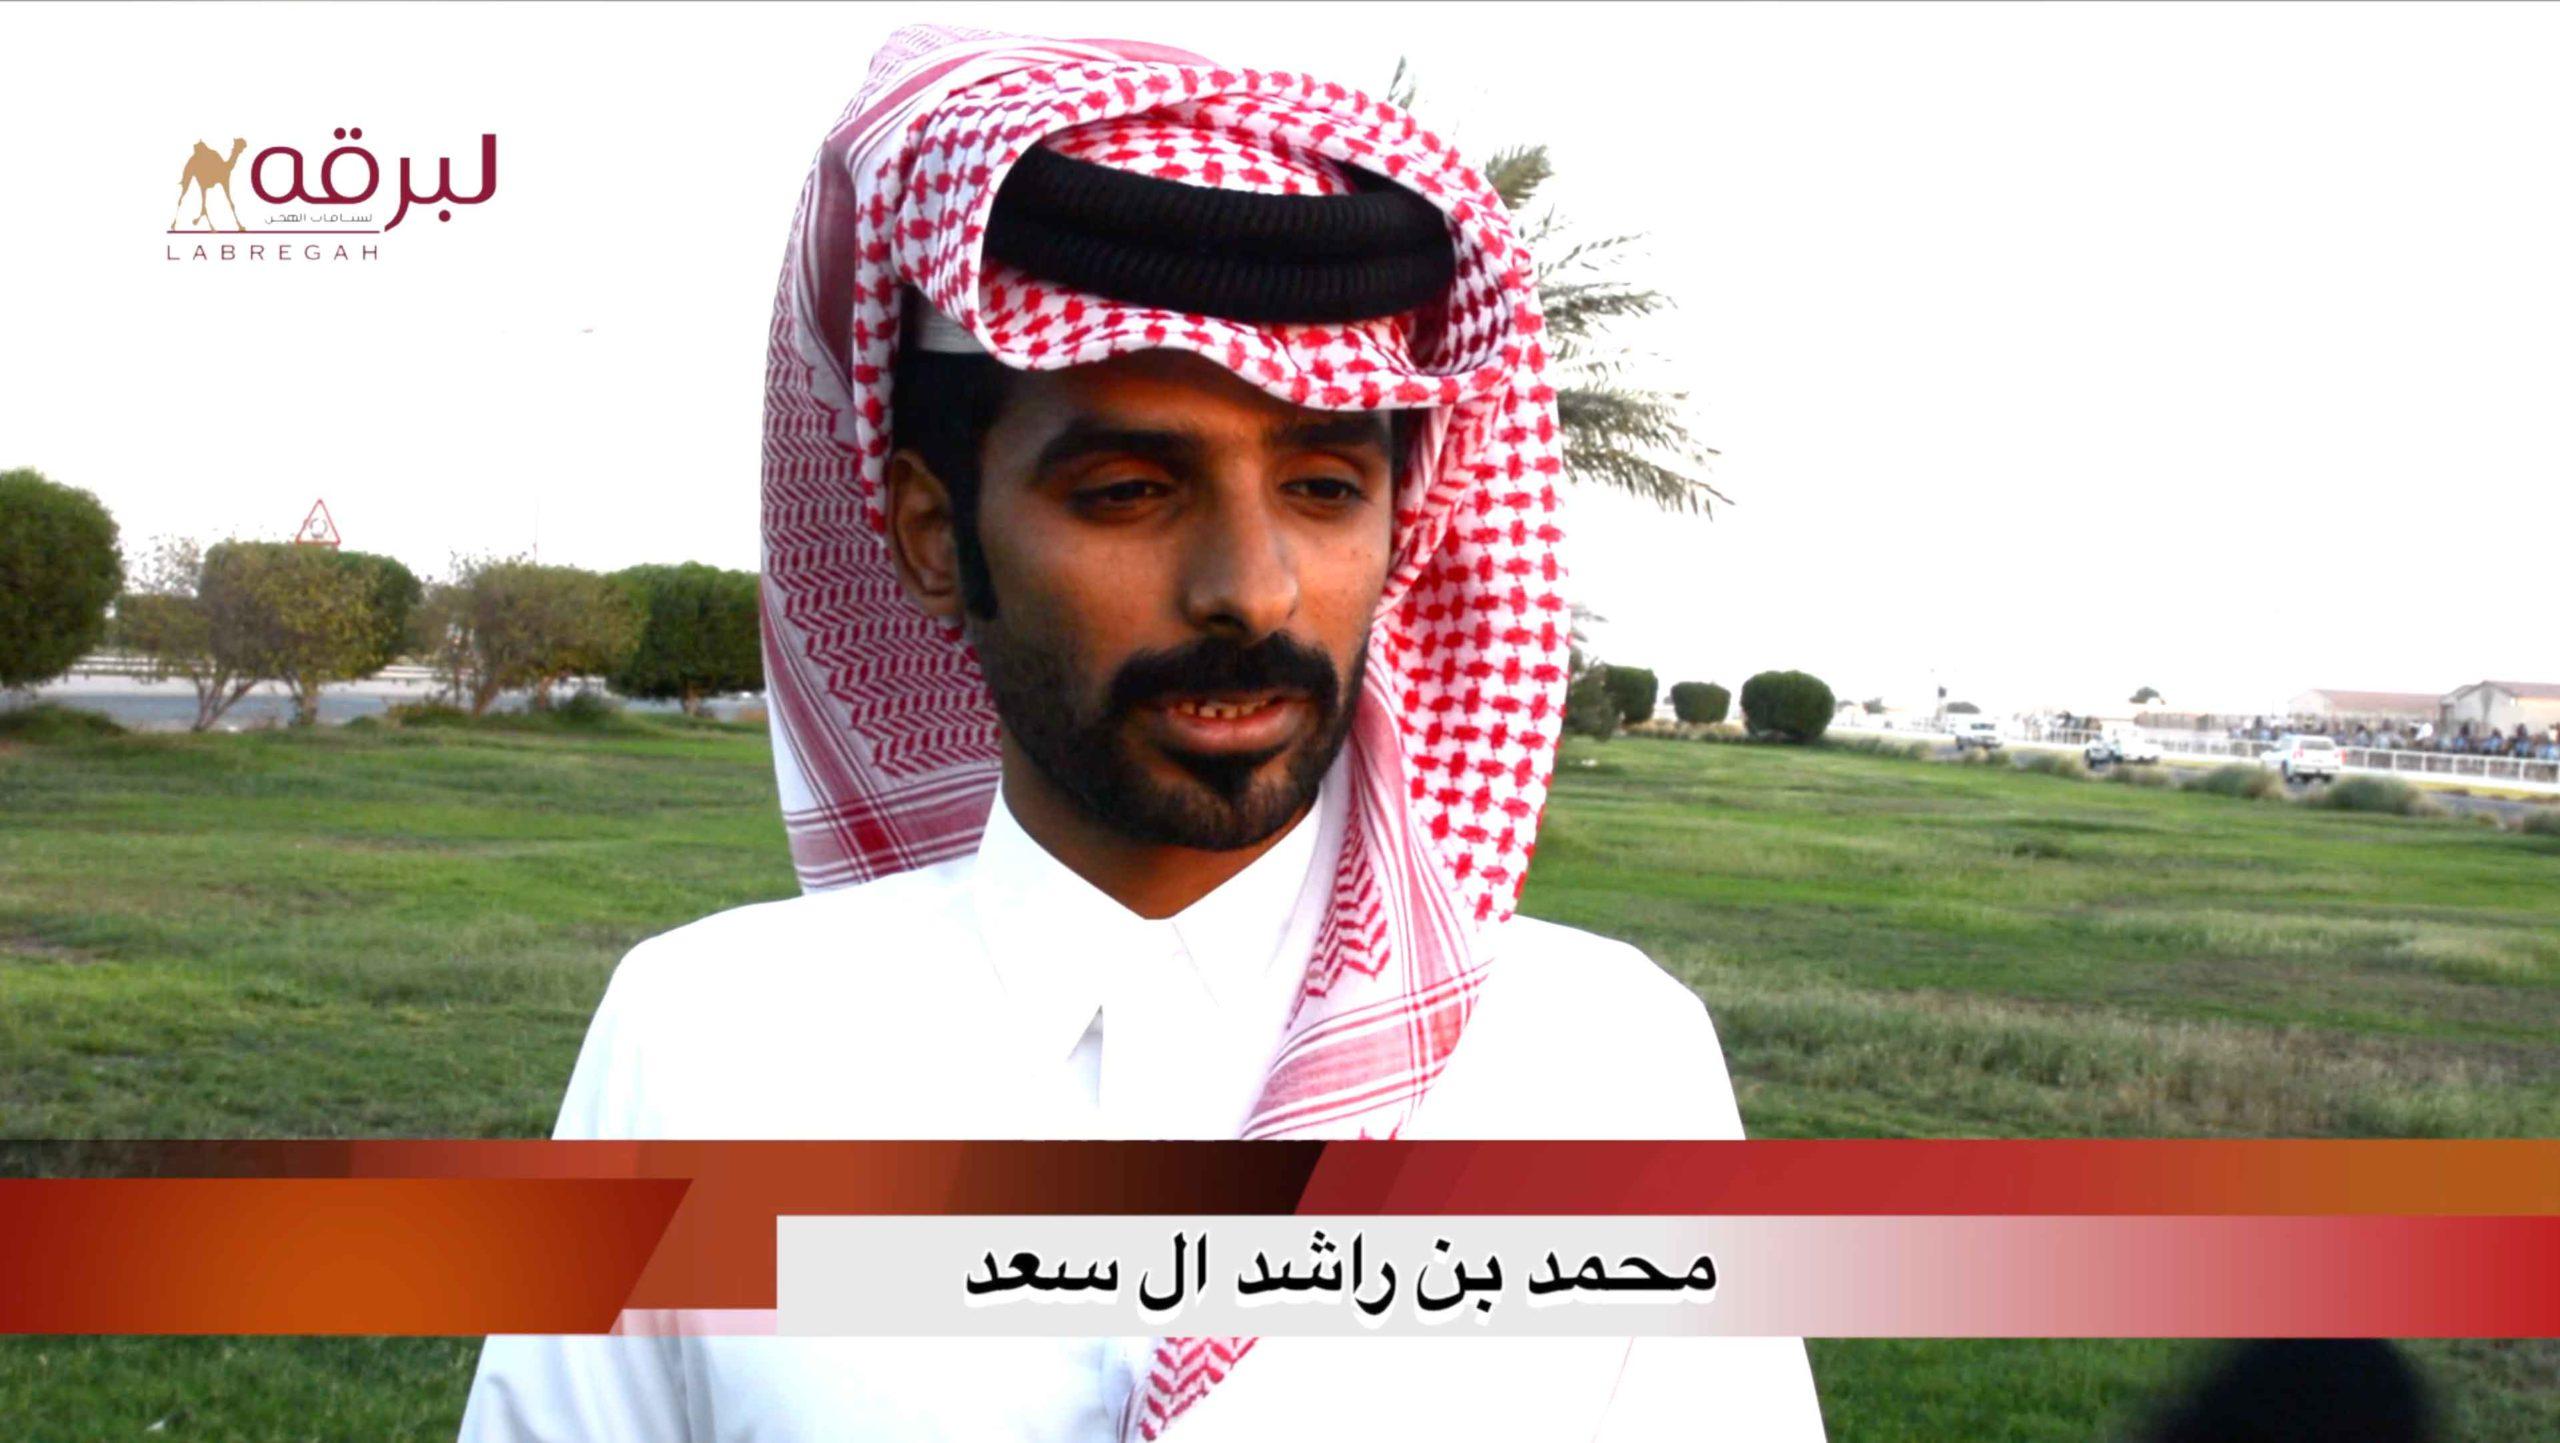 لقاء مع محمد بن راشد ال سعد.. الشوط الرئيسي للحقايق بكار مفتوح الأشواط العامة ٨-١٠-٢٠٢٠